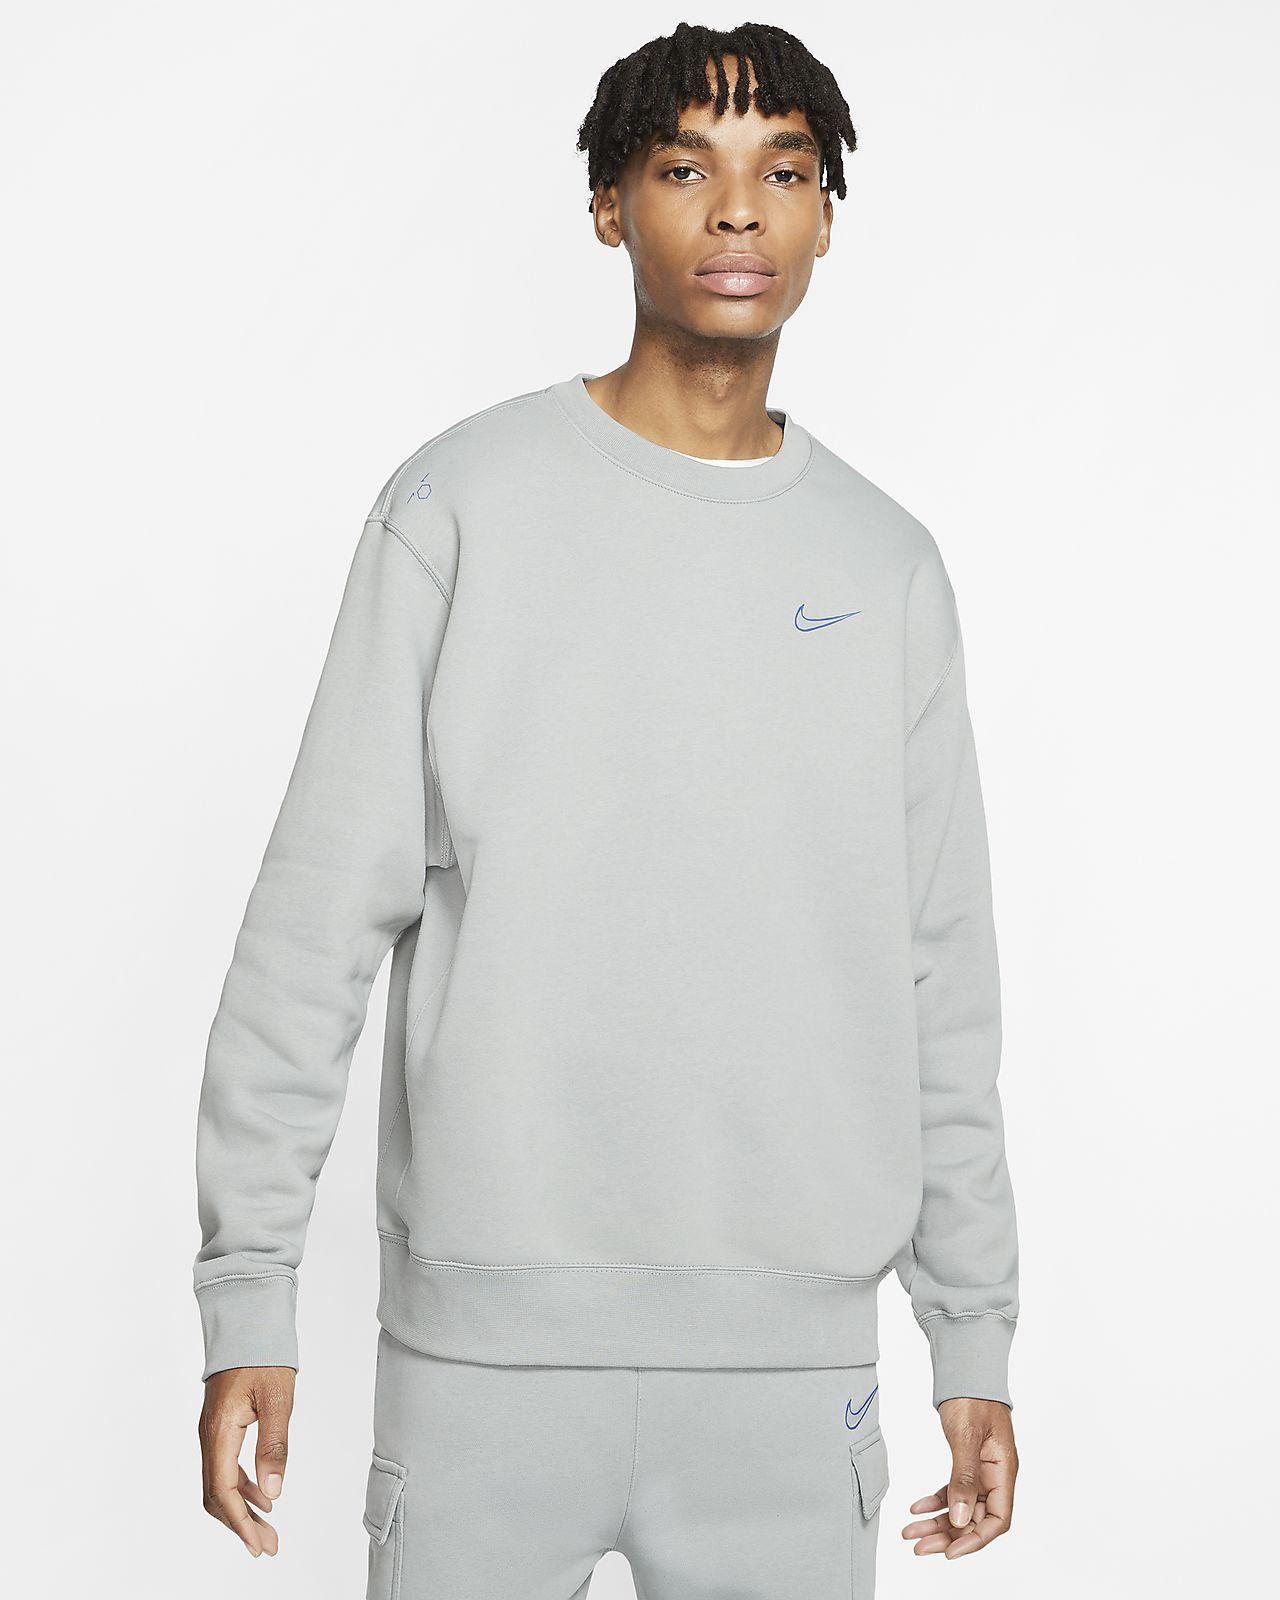 Nike Sportswear Herren-Rundhalsshirt